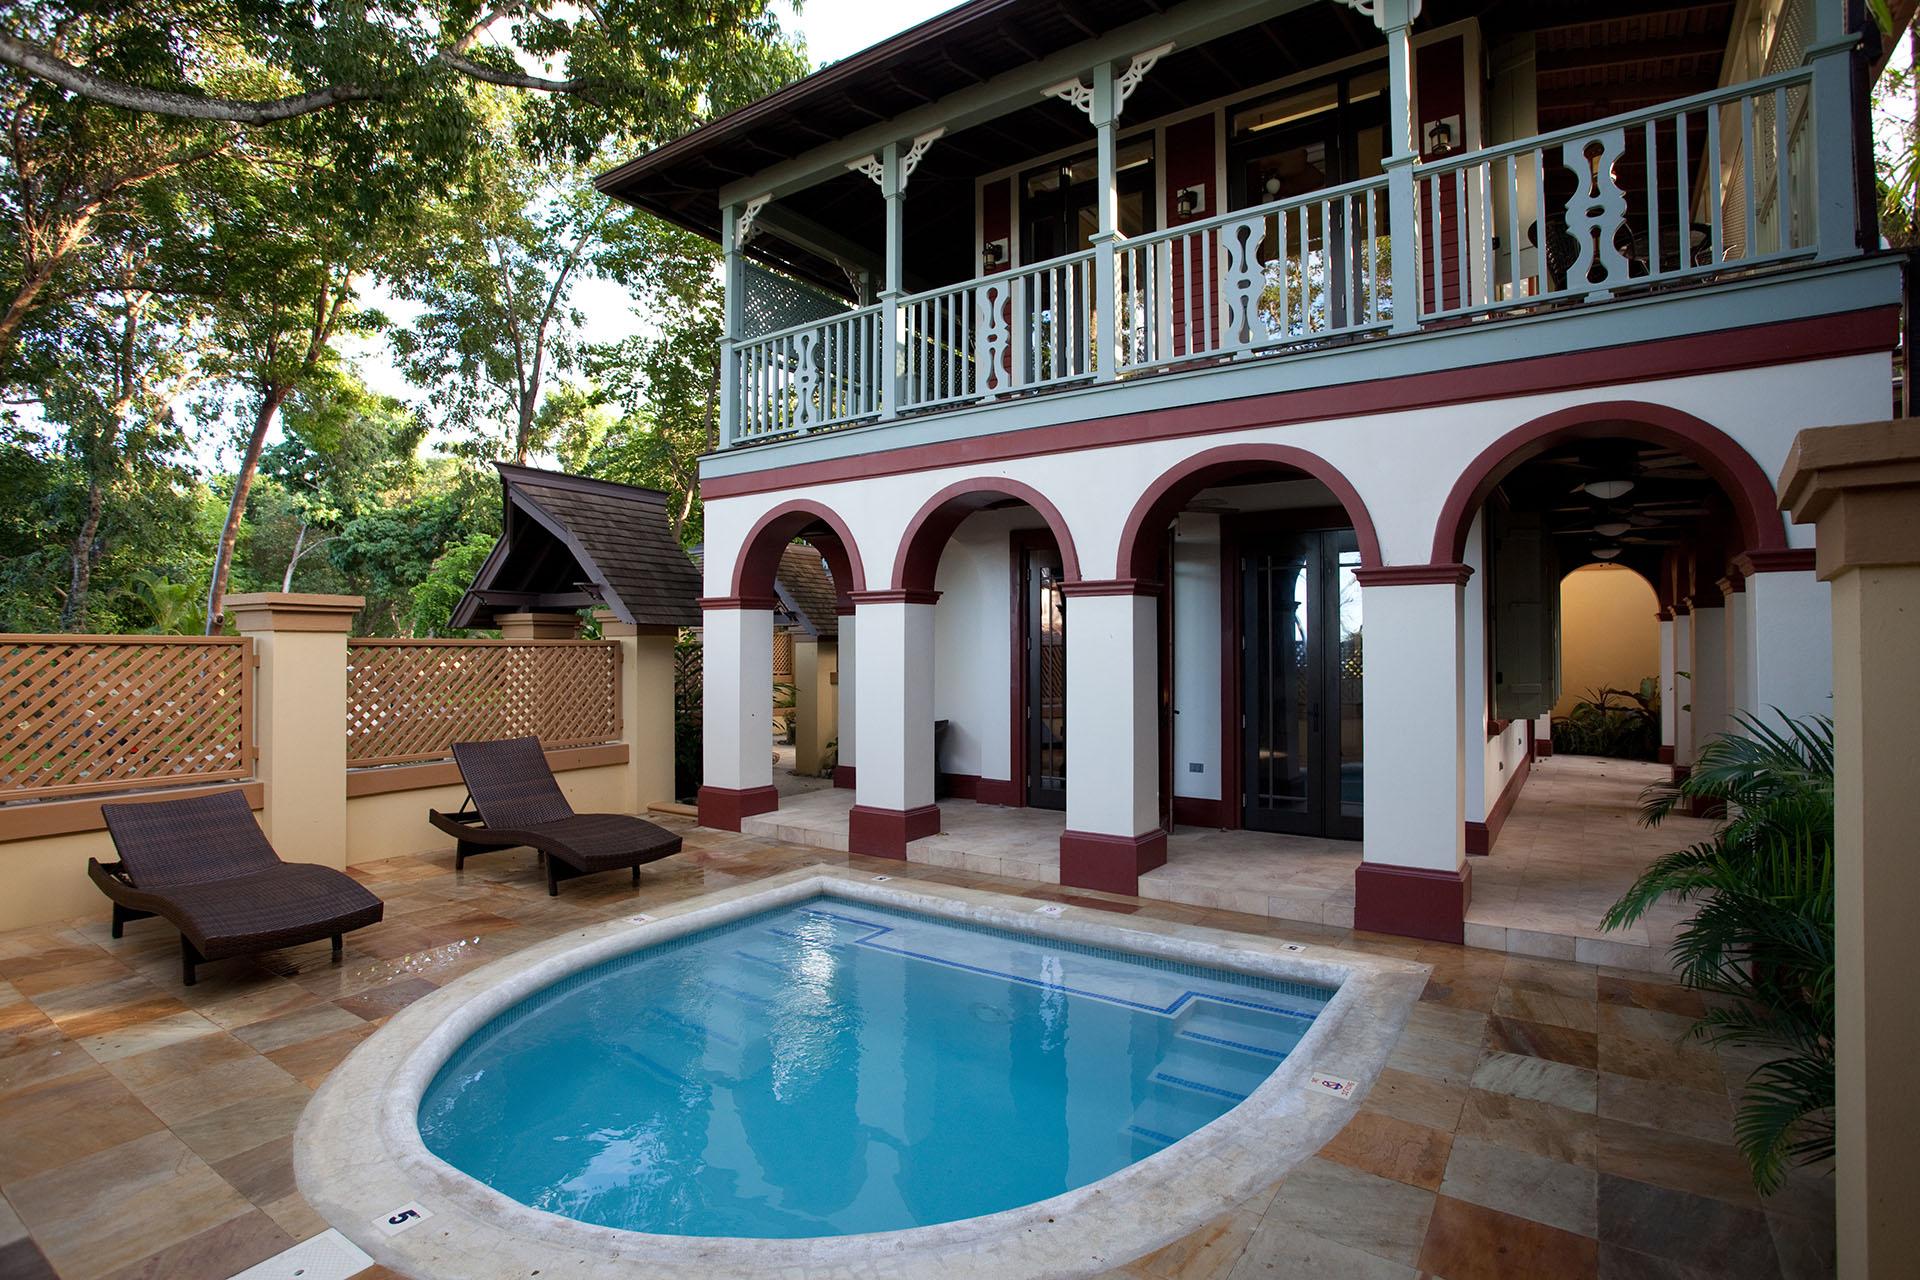 Calabash dip pool